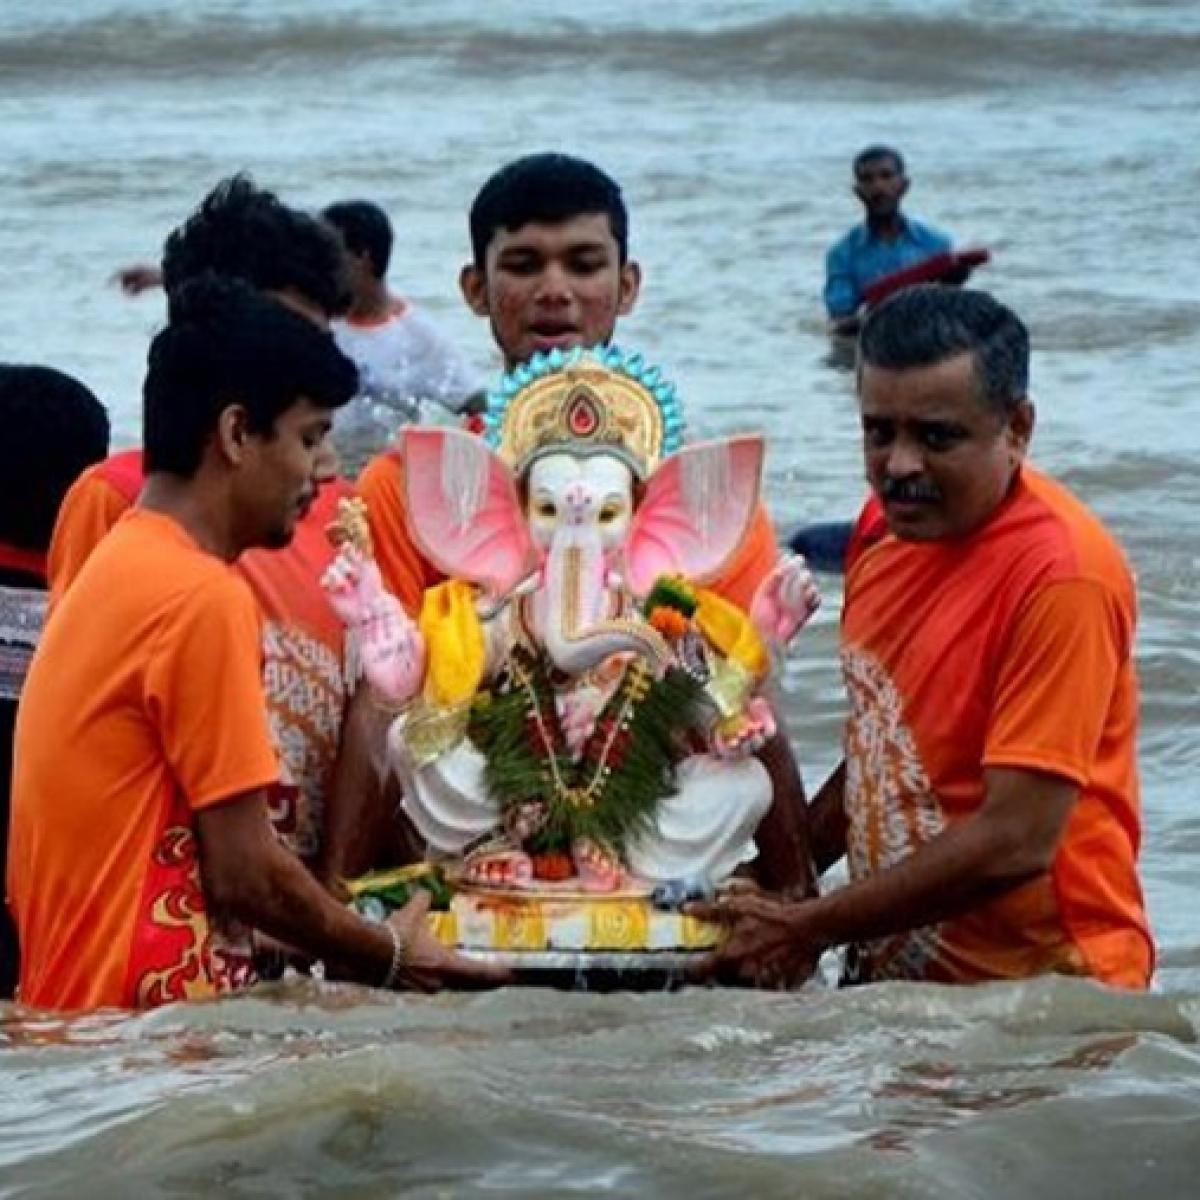 BMC's artificial ponds for Bappa: How Mumbai civic body is organising Ganeshotsav 2020